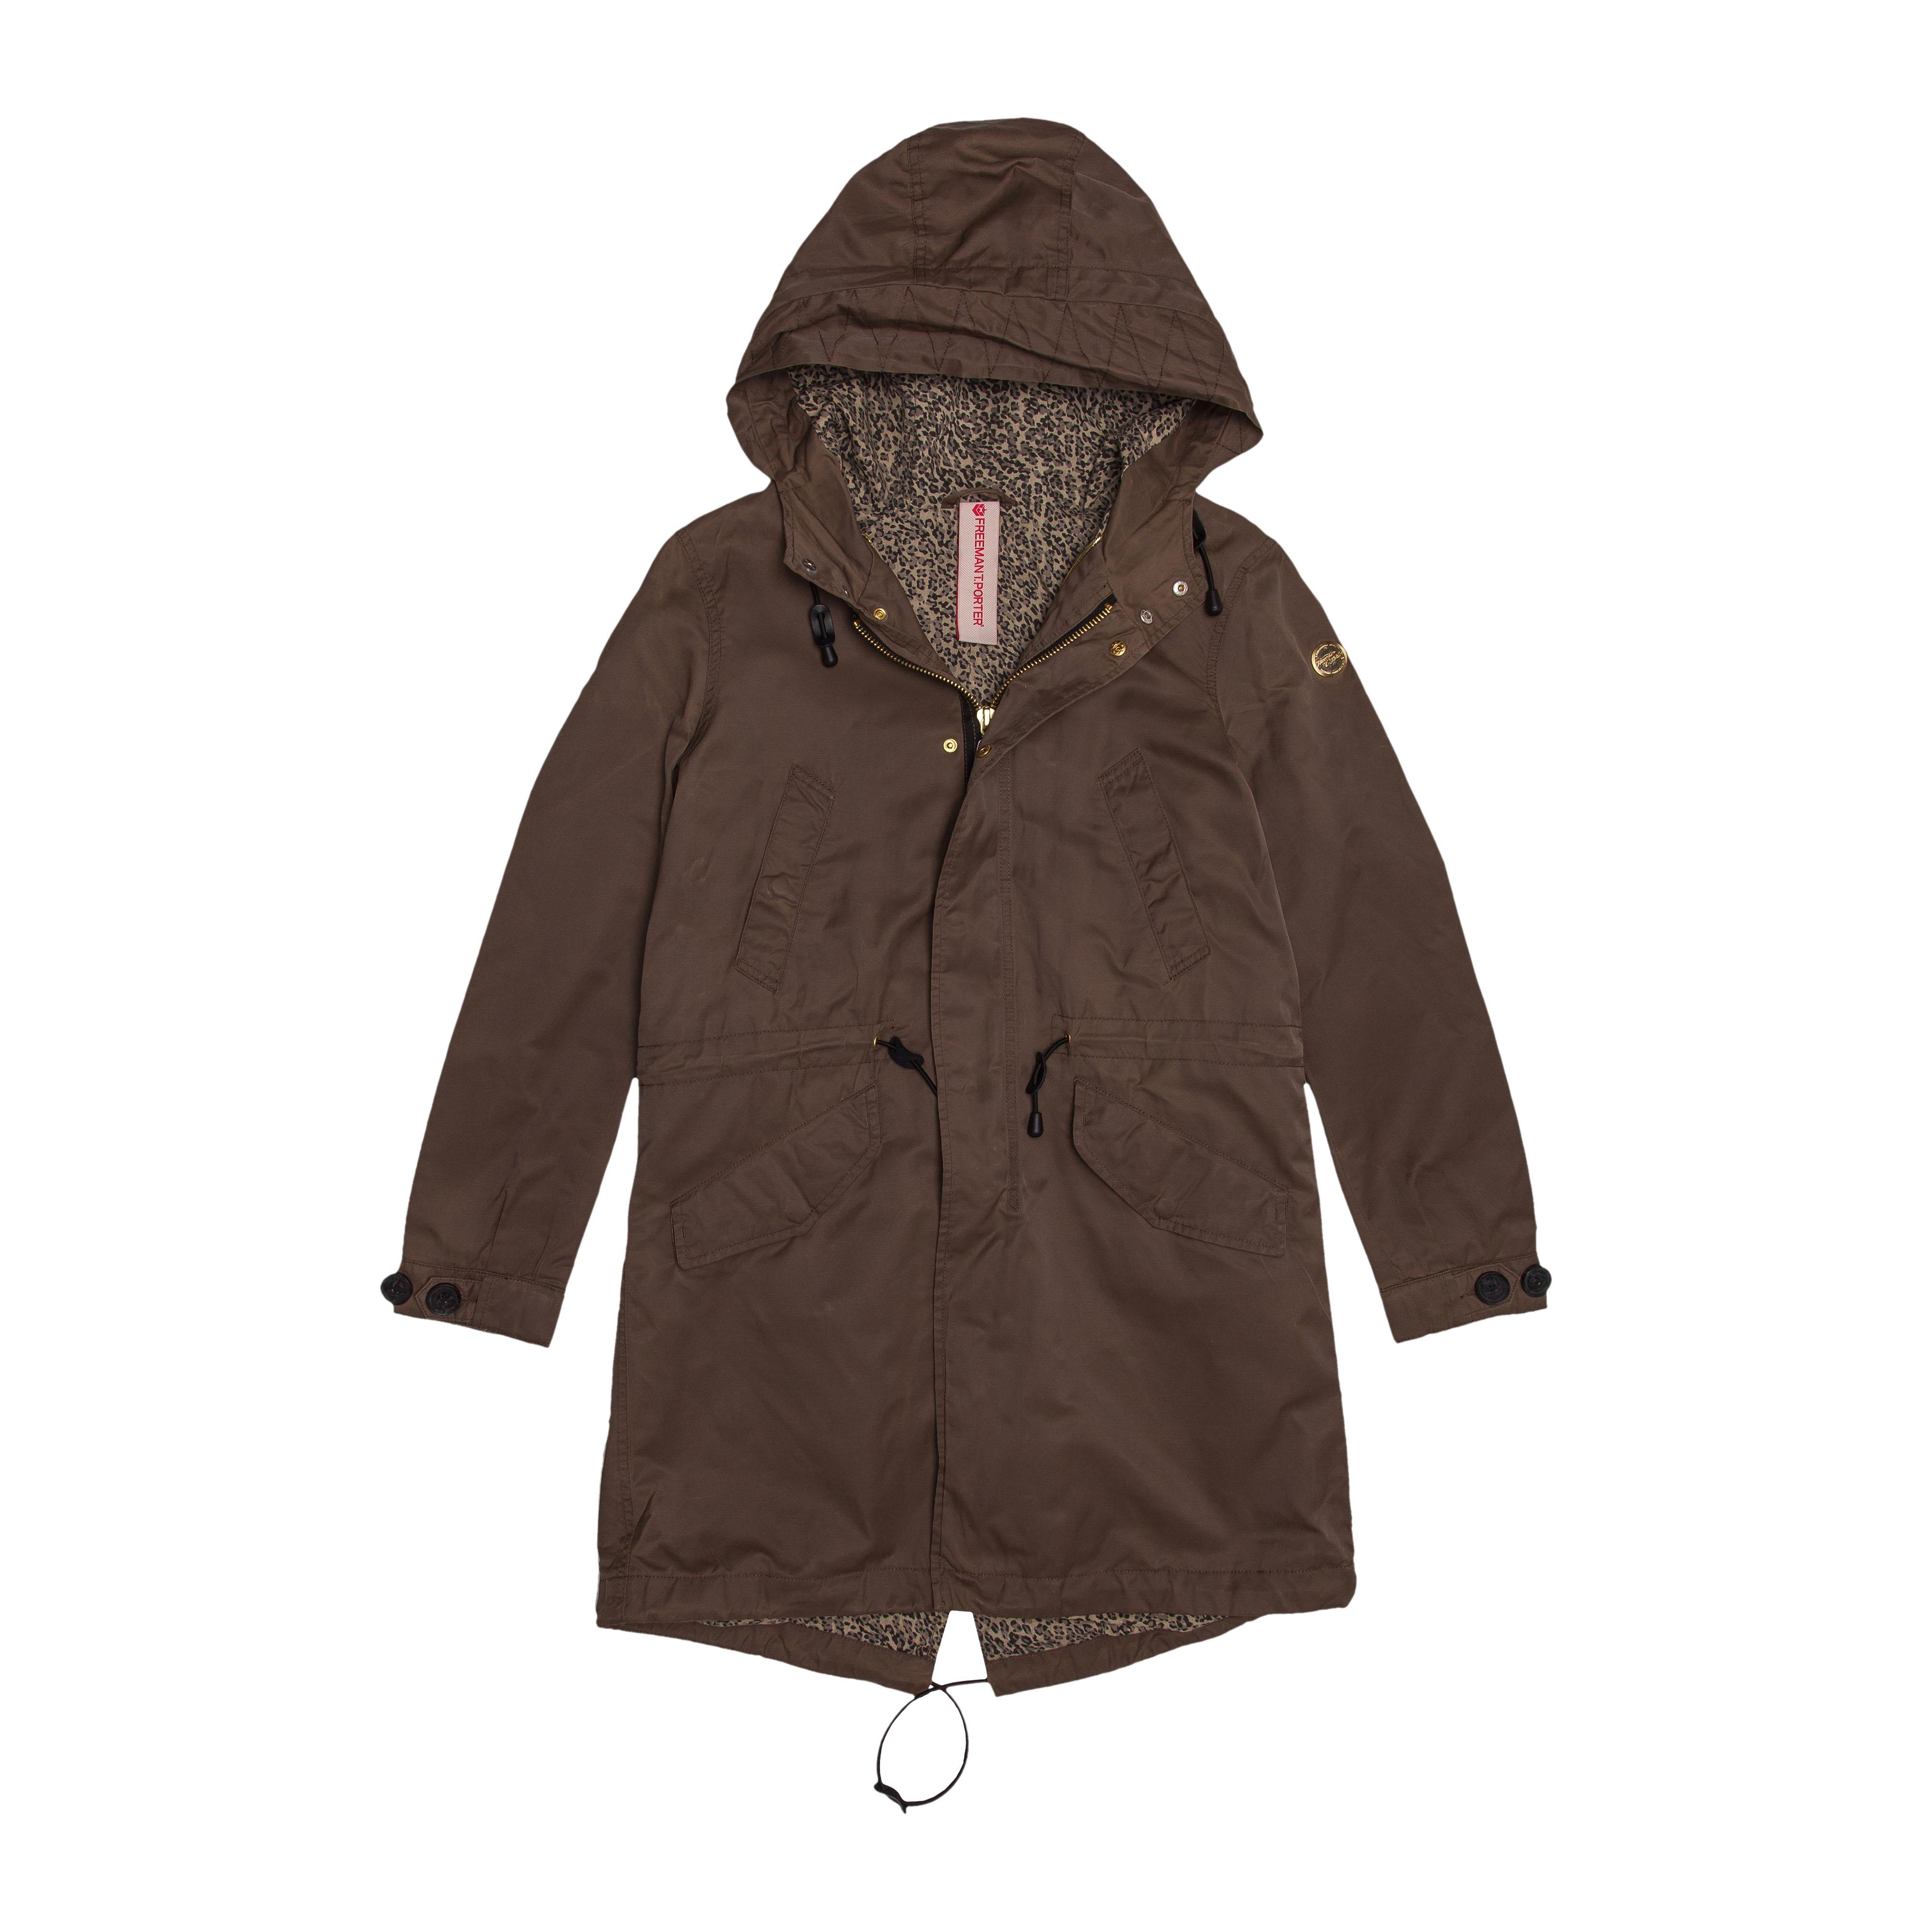 Damen-Jacke von Freeman T. Porter für Damen